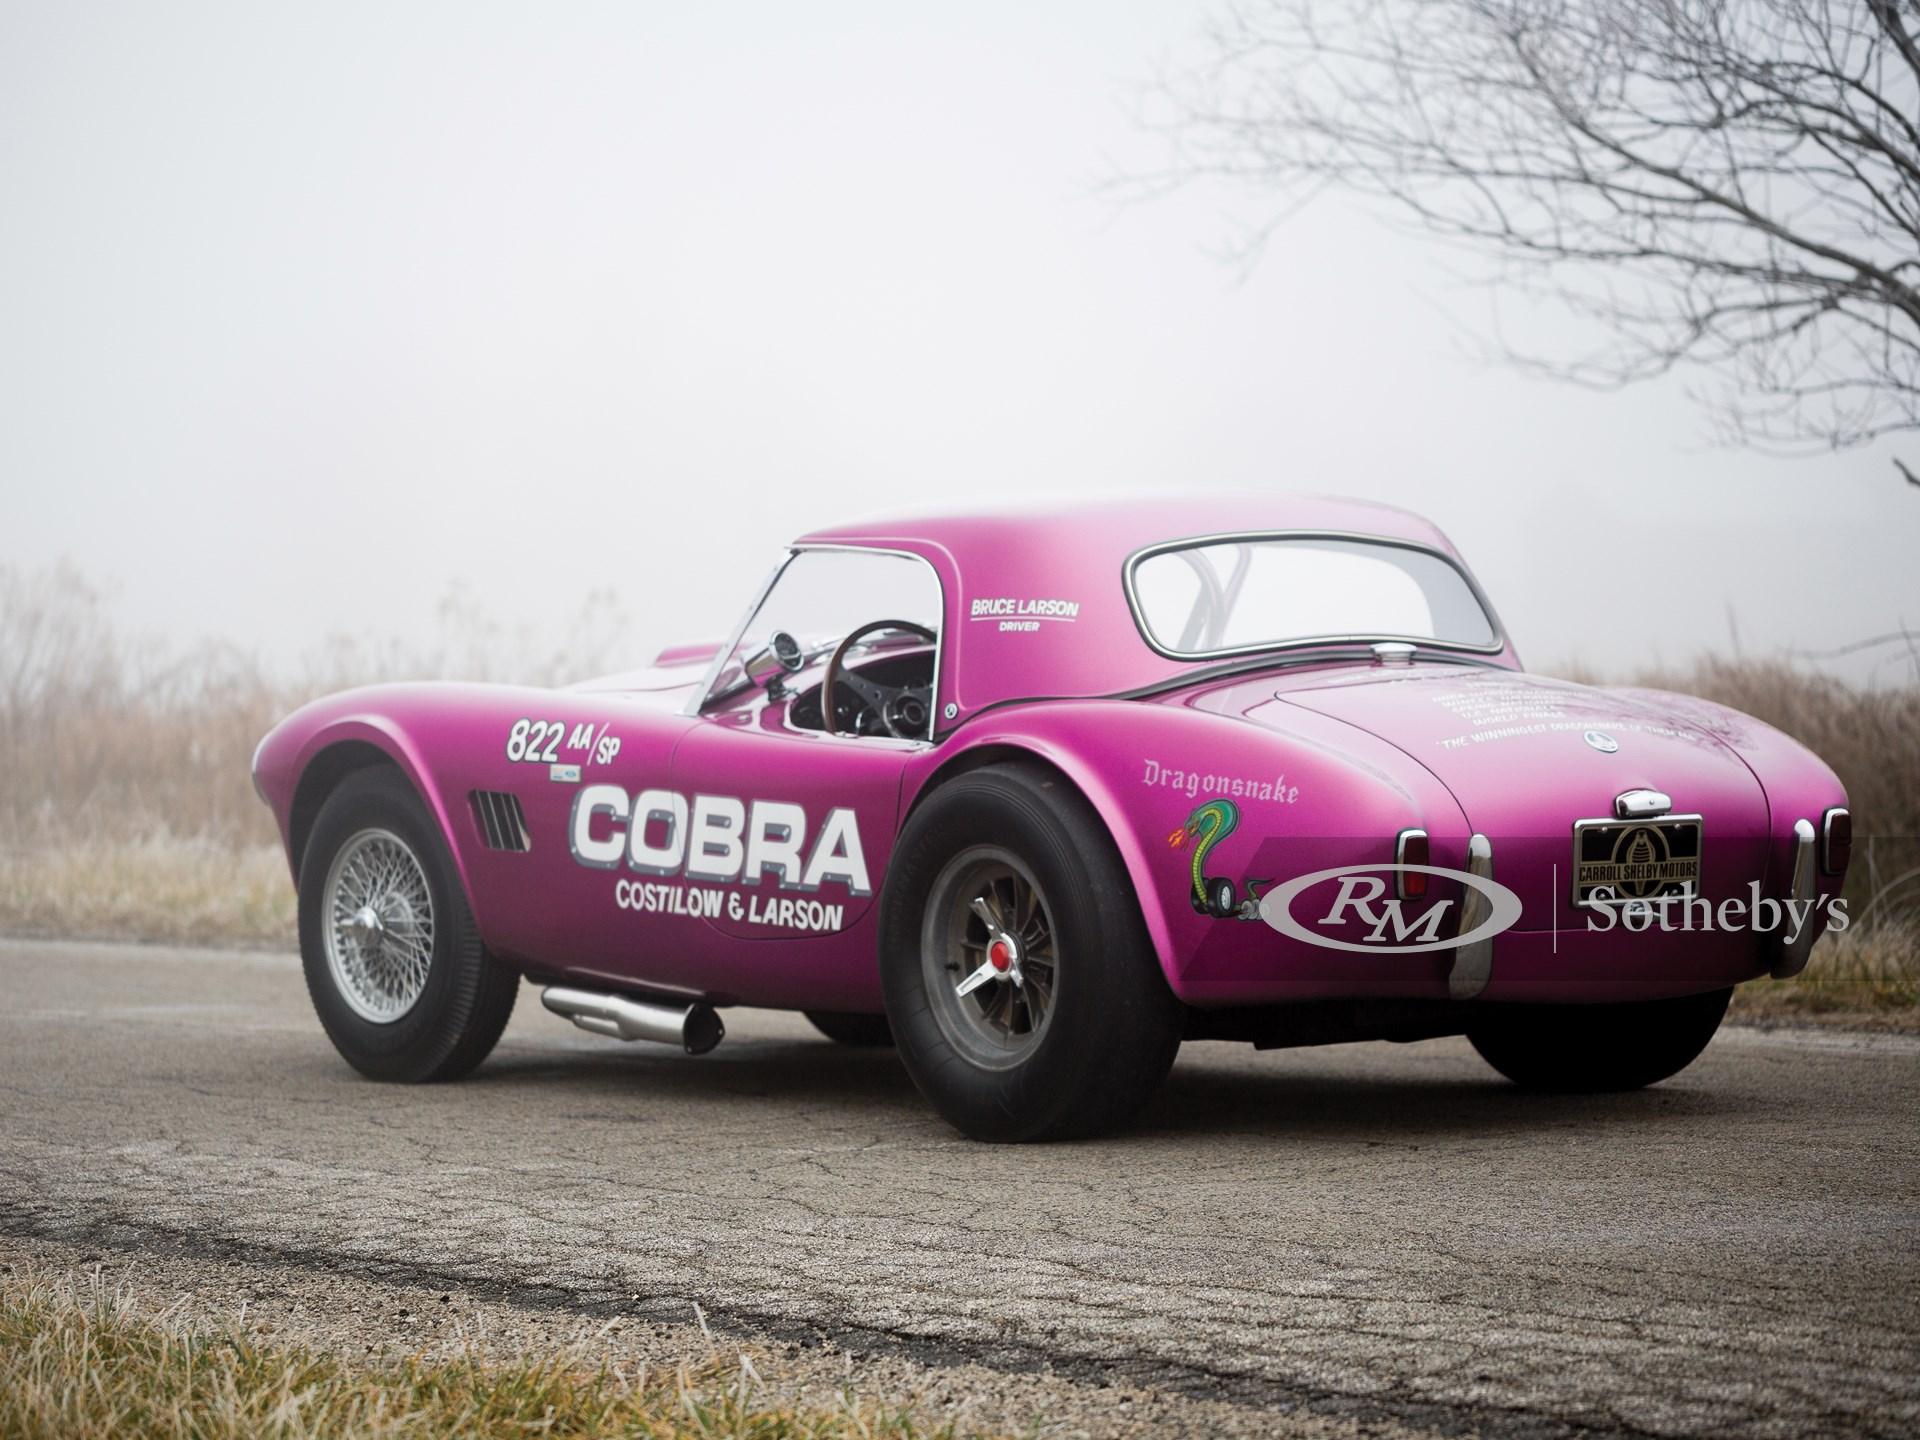 1963 Shelby 289 Cobra 'Dragonsnake'  -